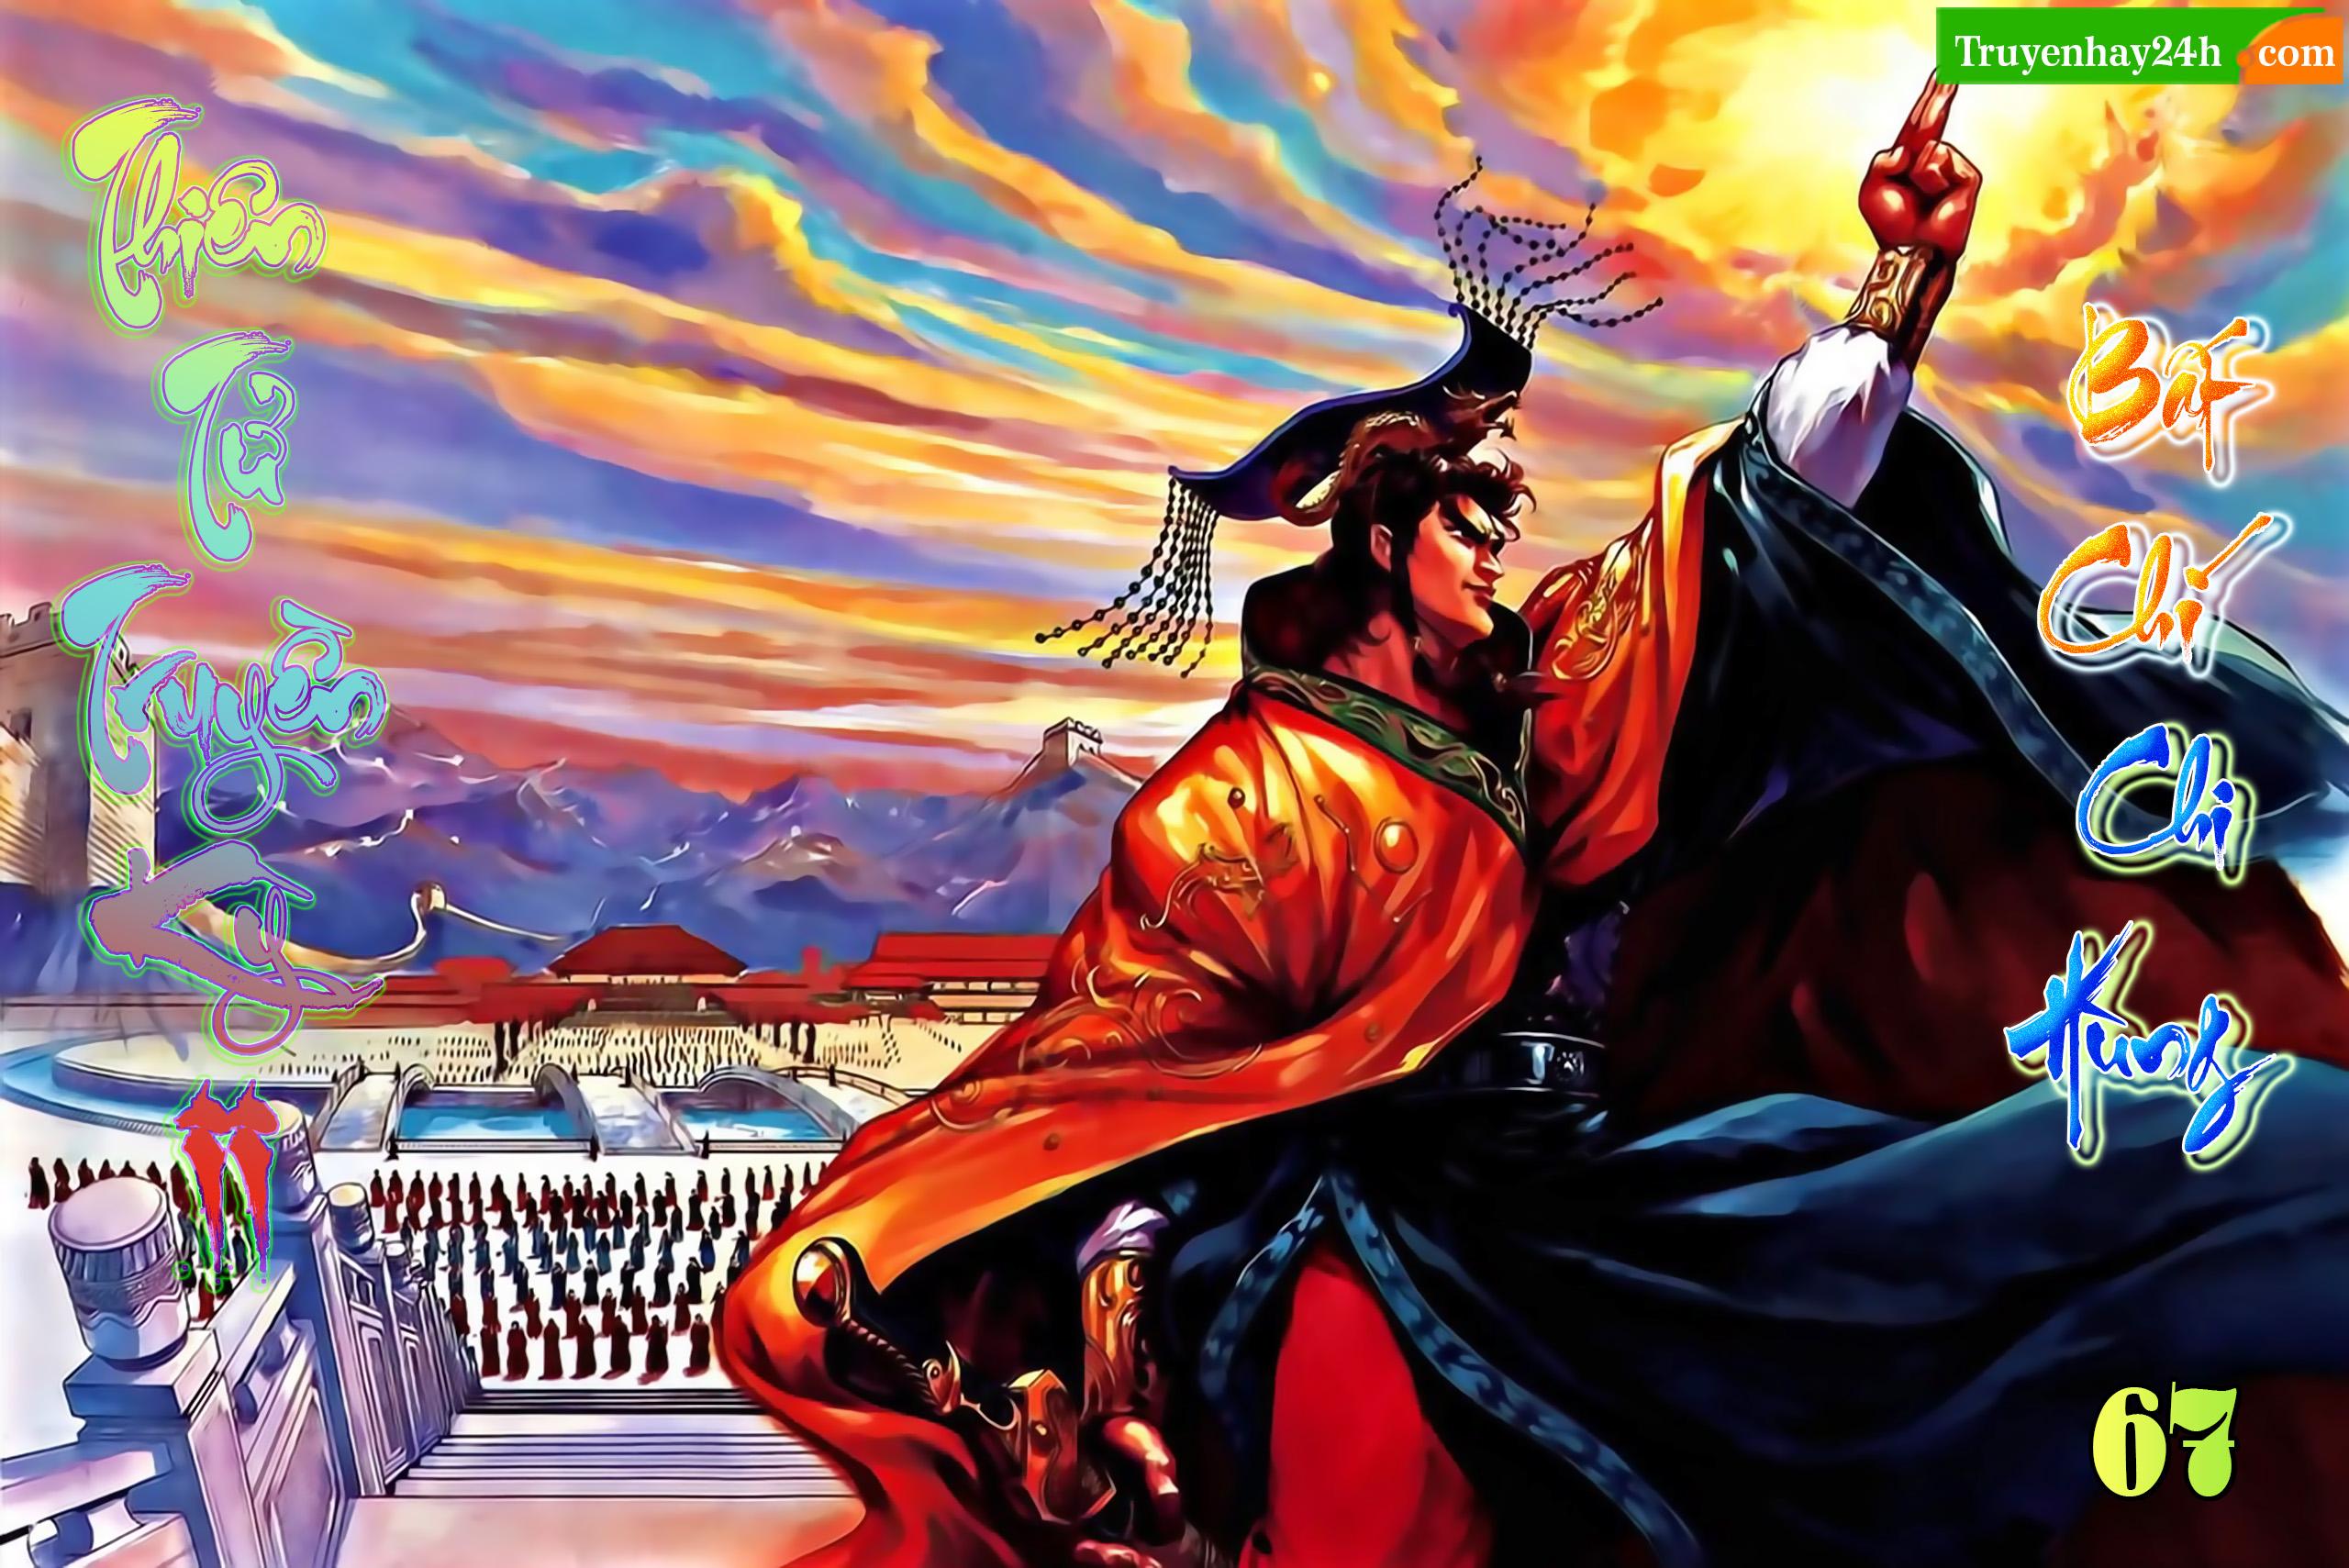 Thiên Tử Truyền Kỳ 2 - Tần Vương Doanh Chính Chap 67 . Next Chap 68